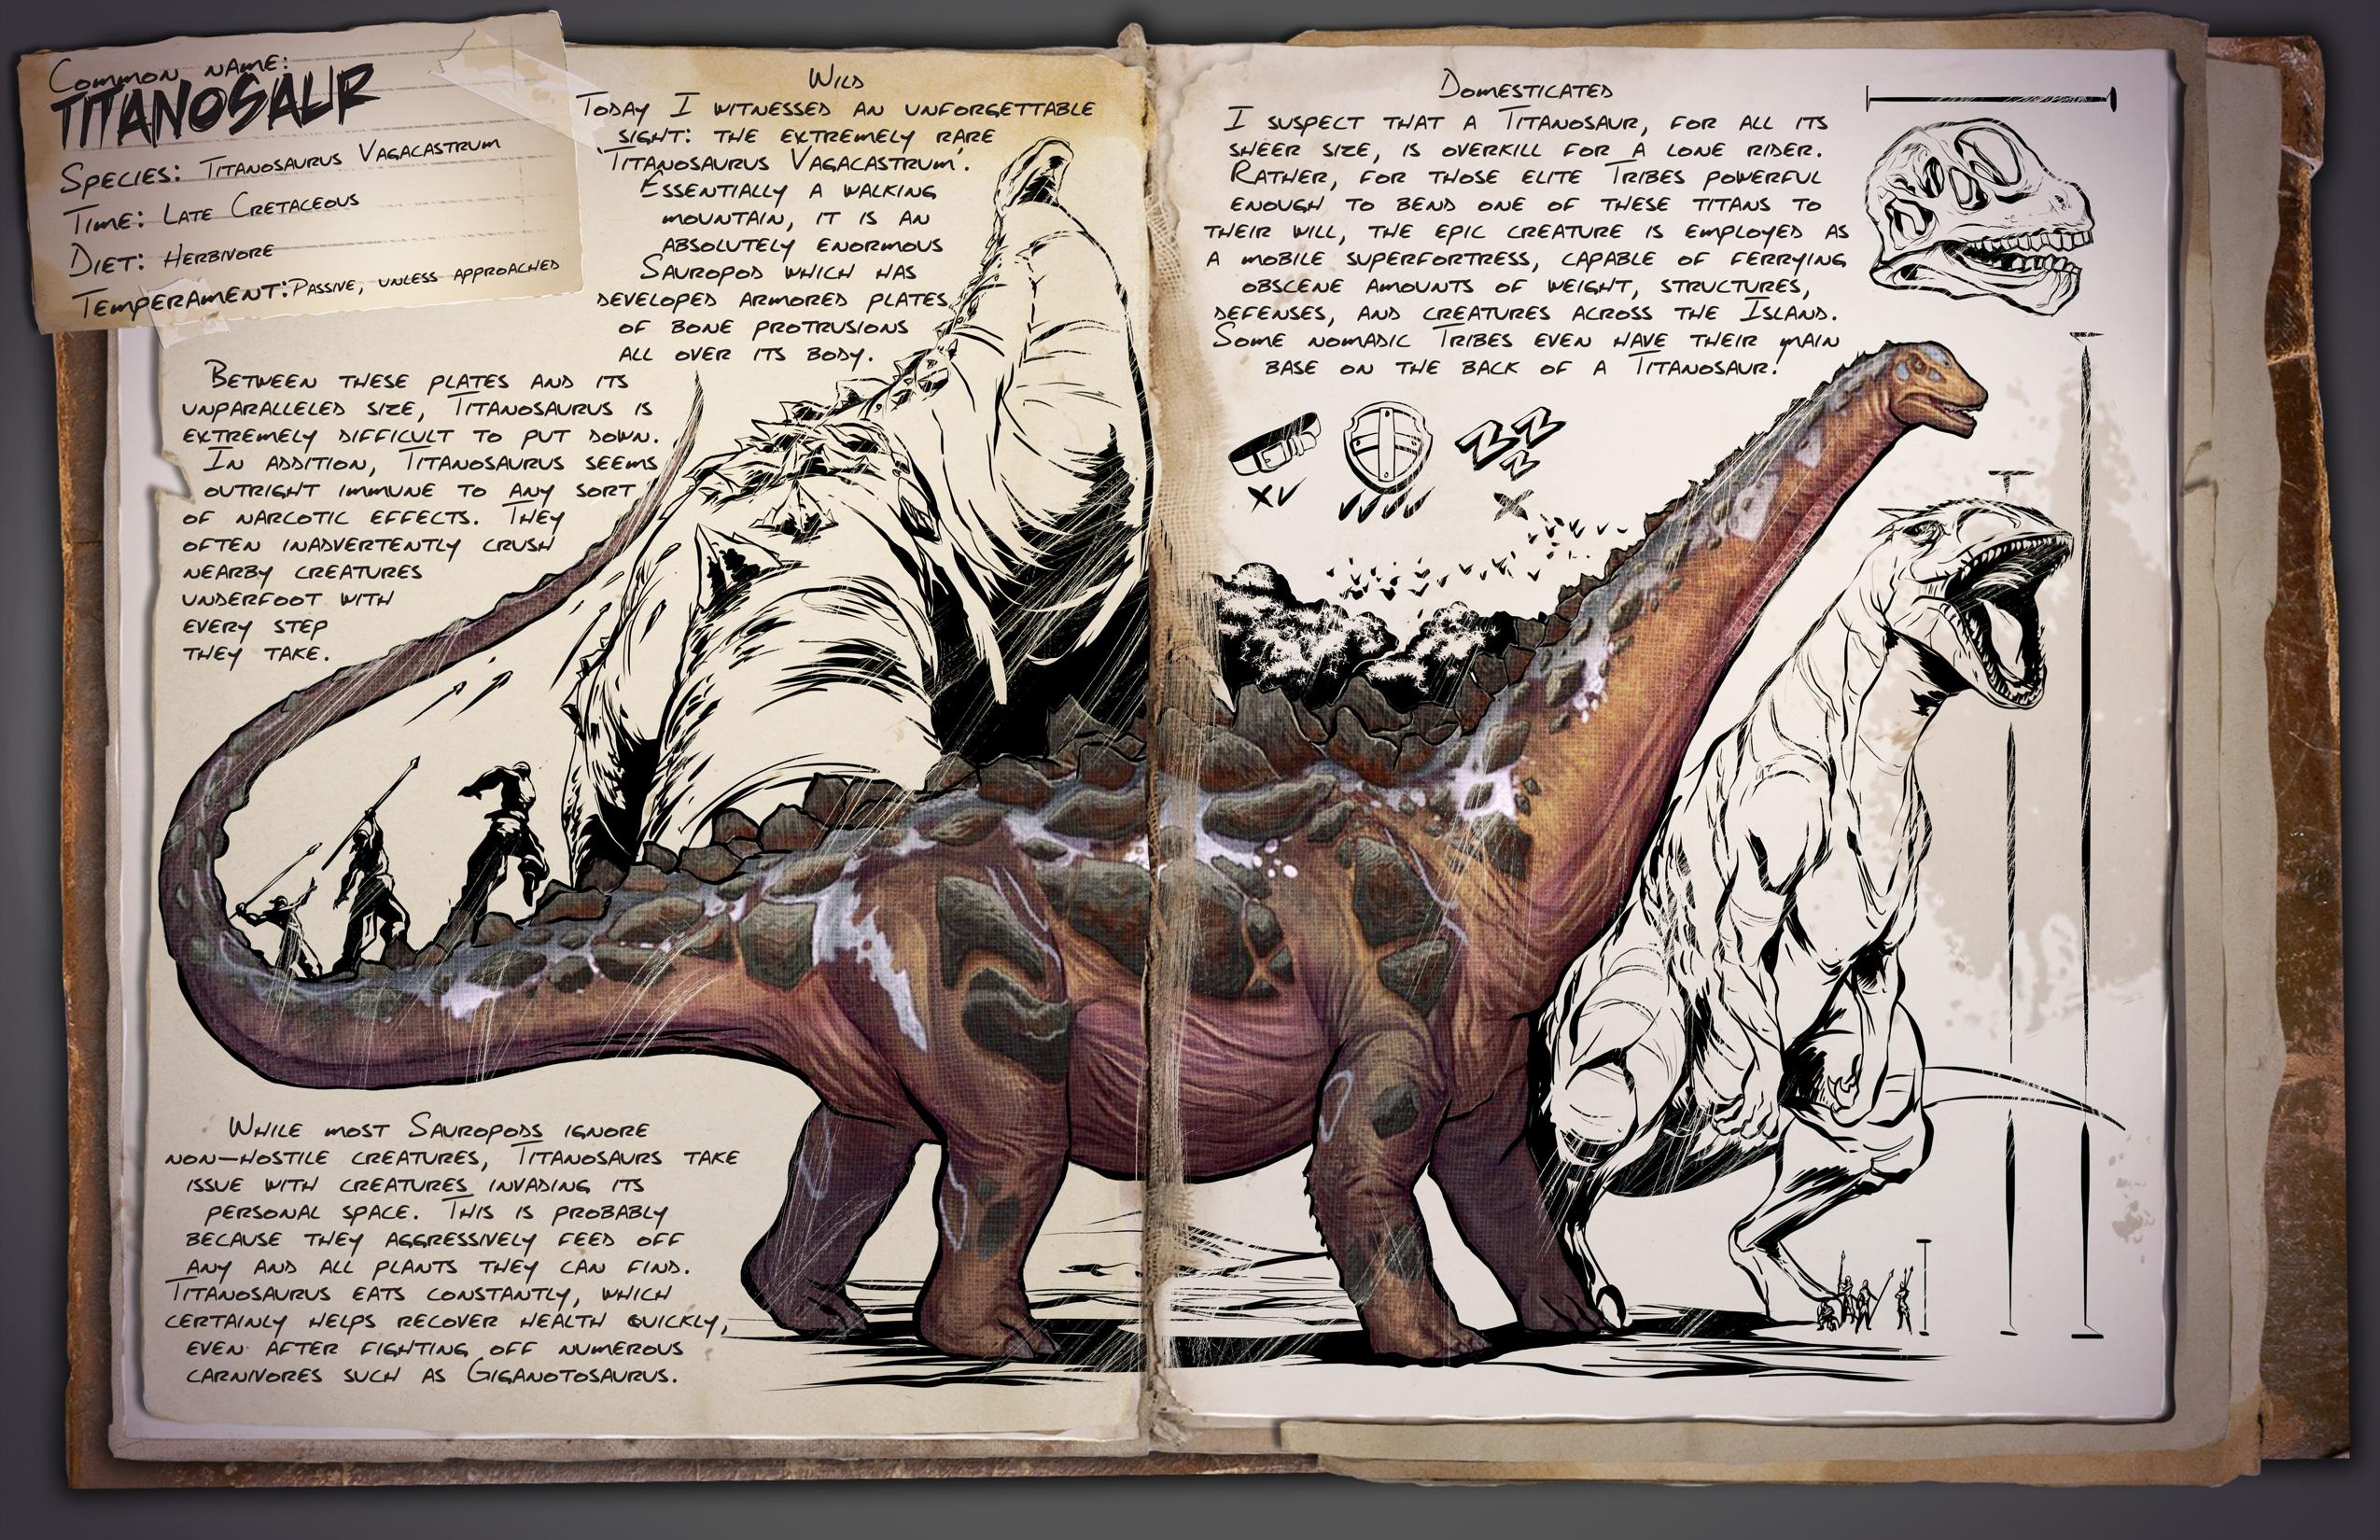 Elegant Titanosaurus